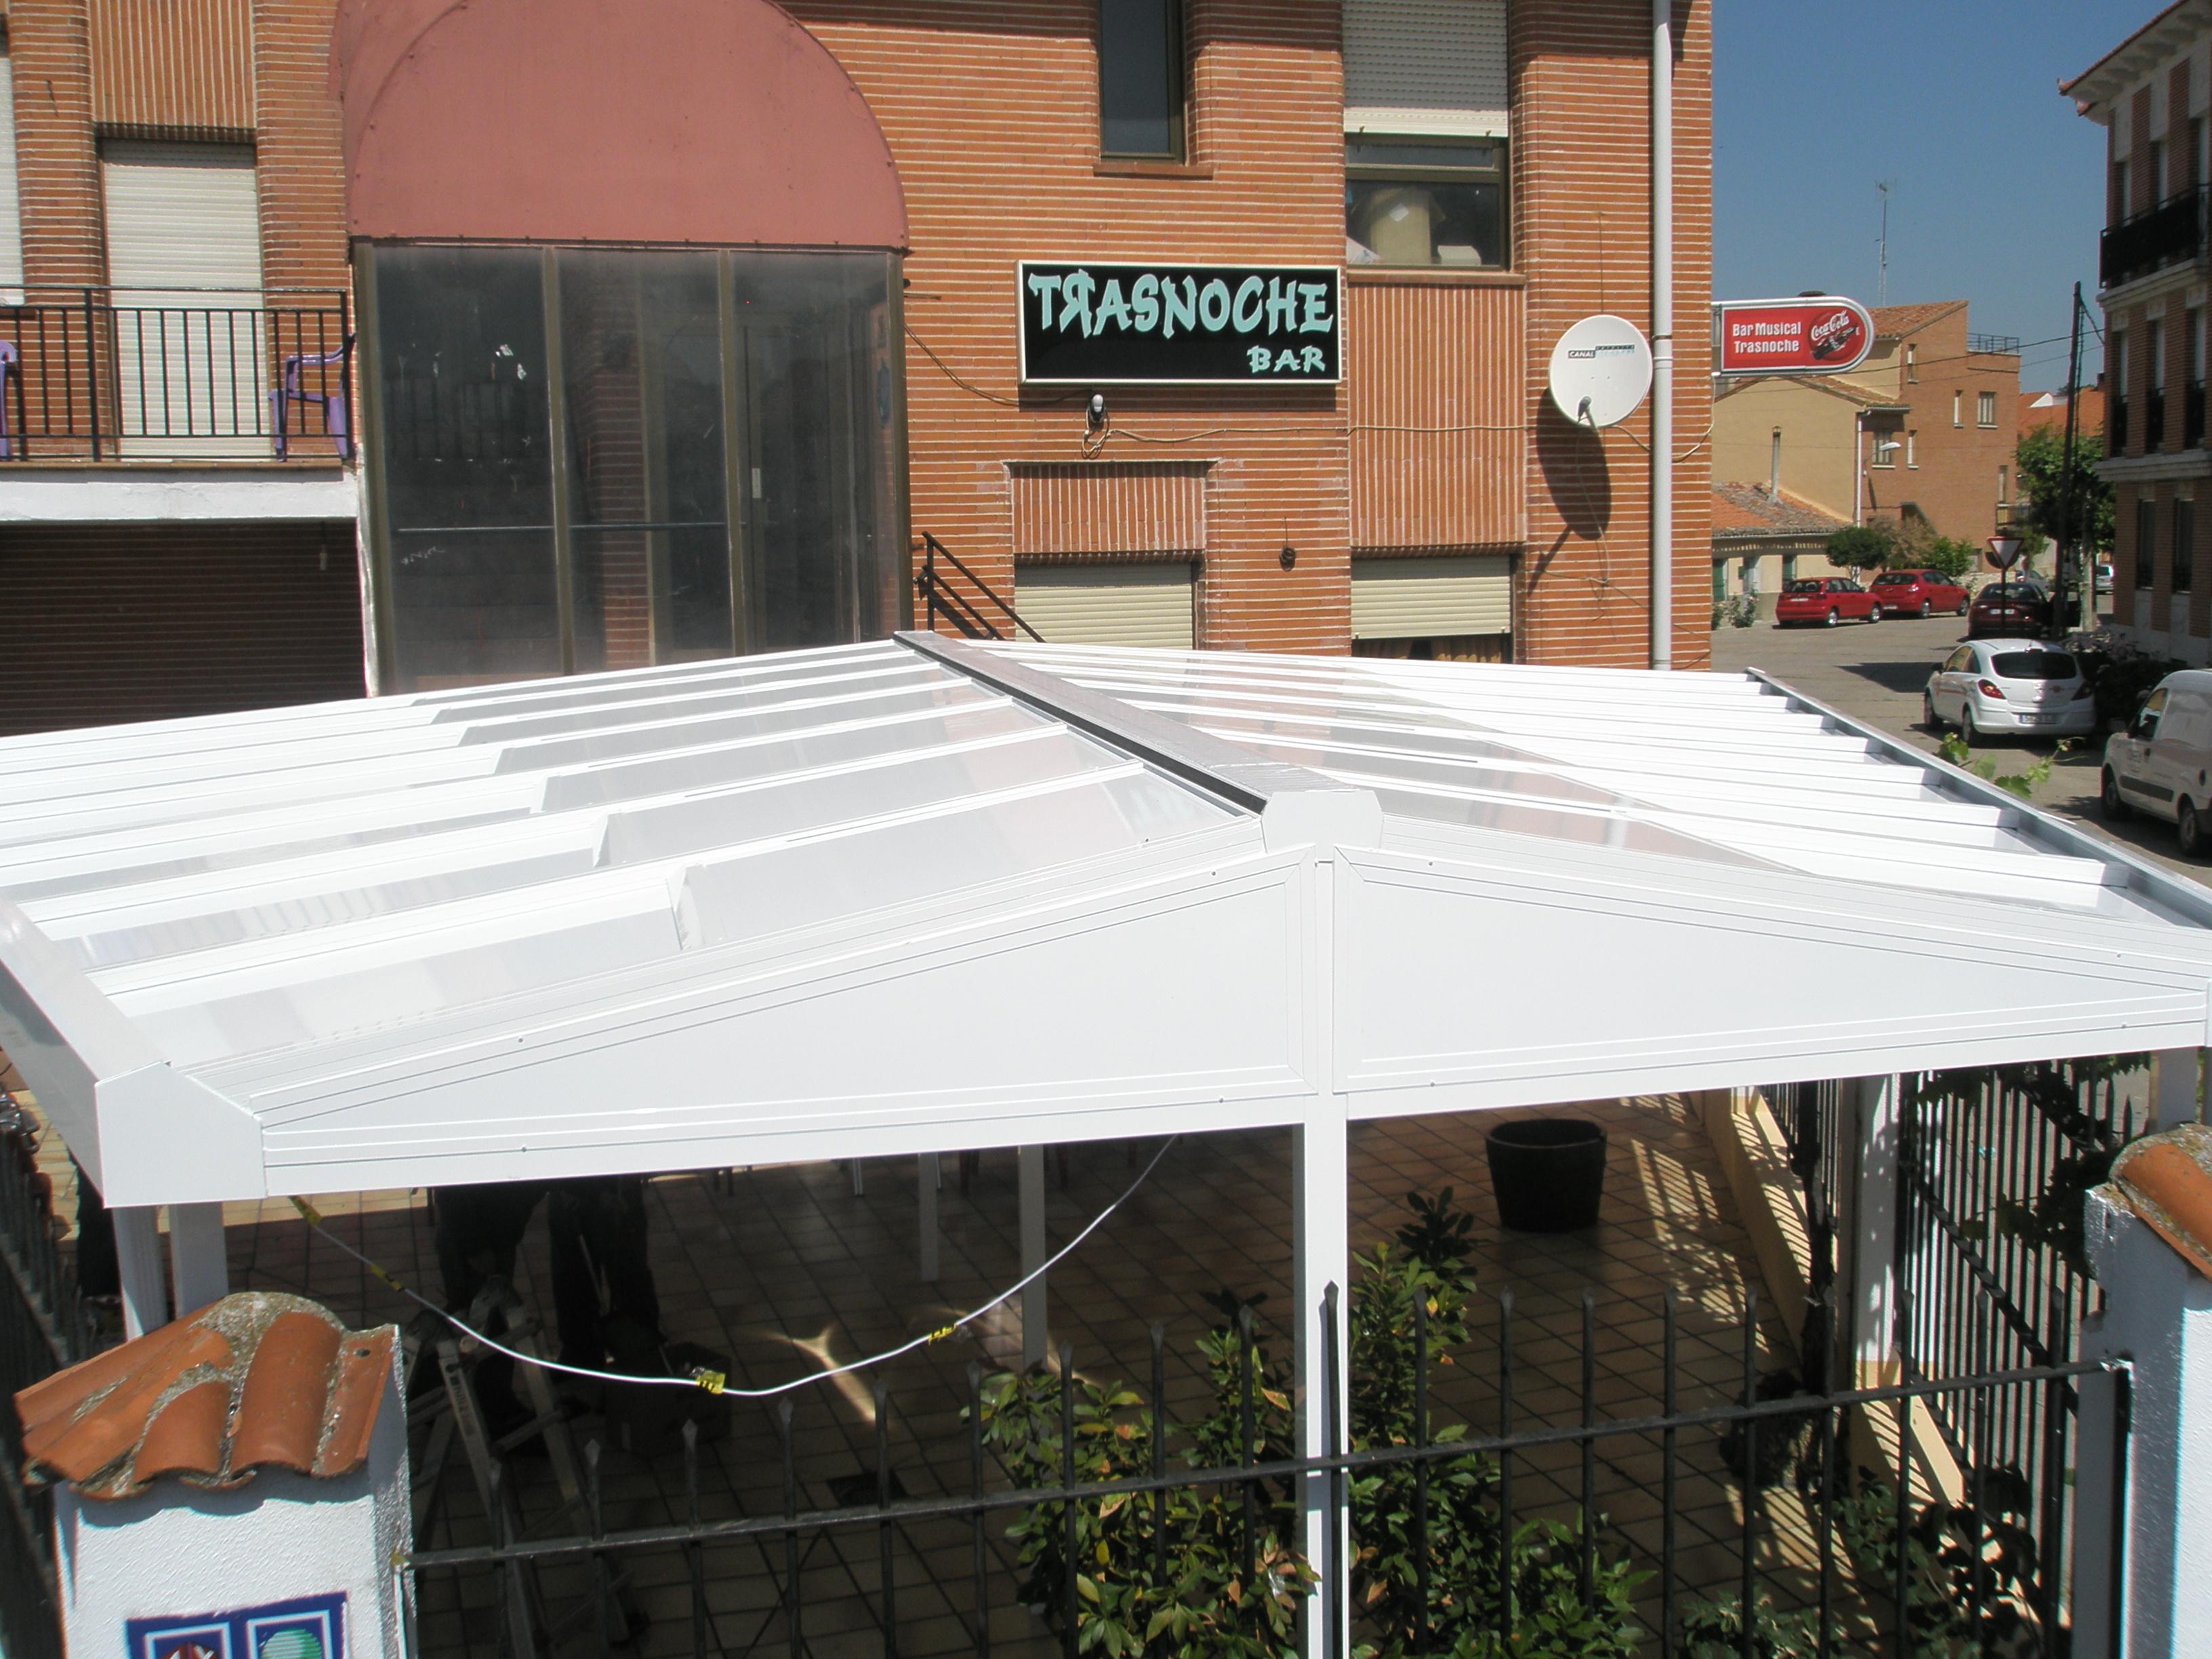 Suteal Hostelería bar La Trasnoche